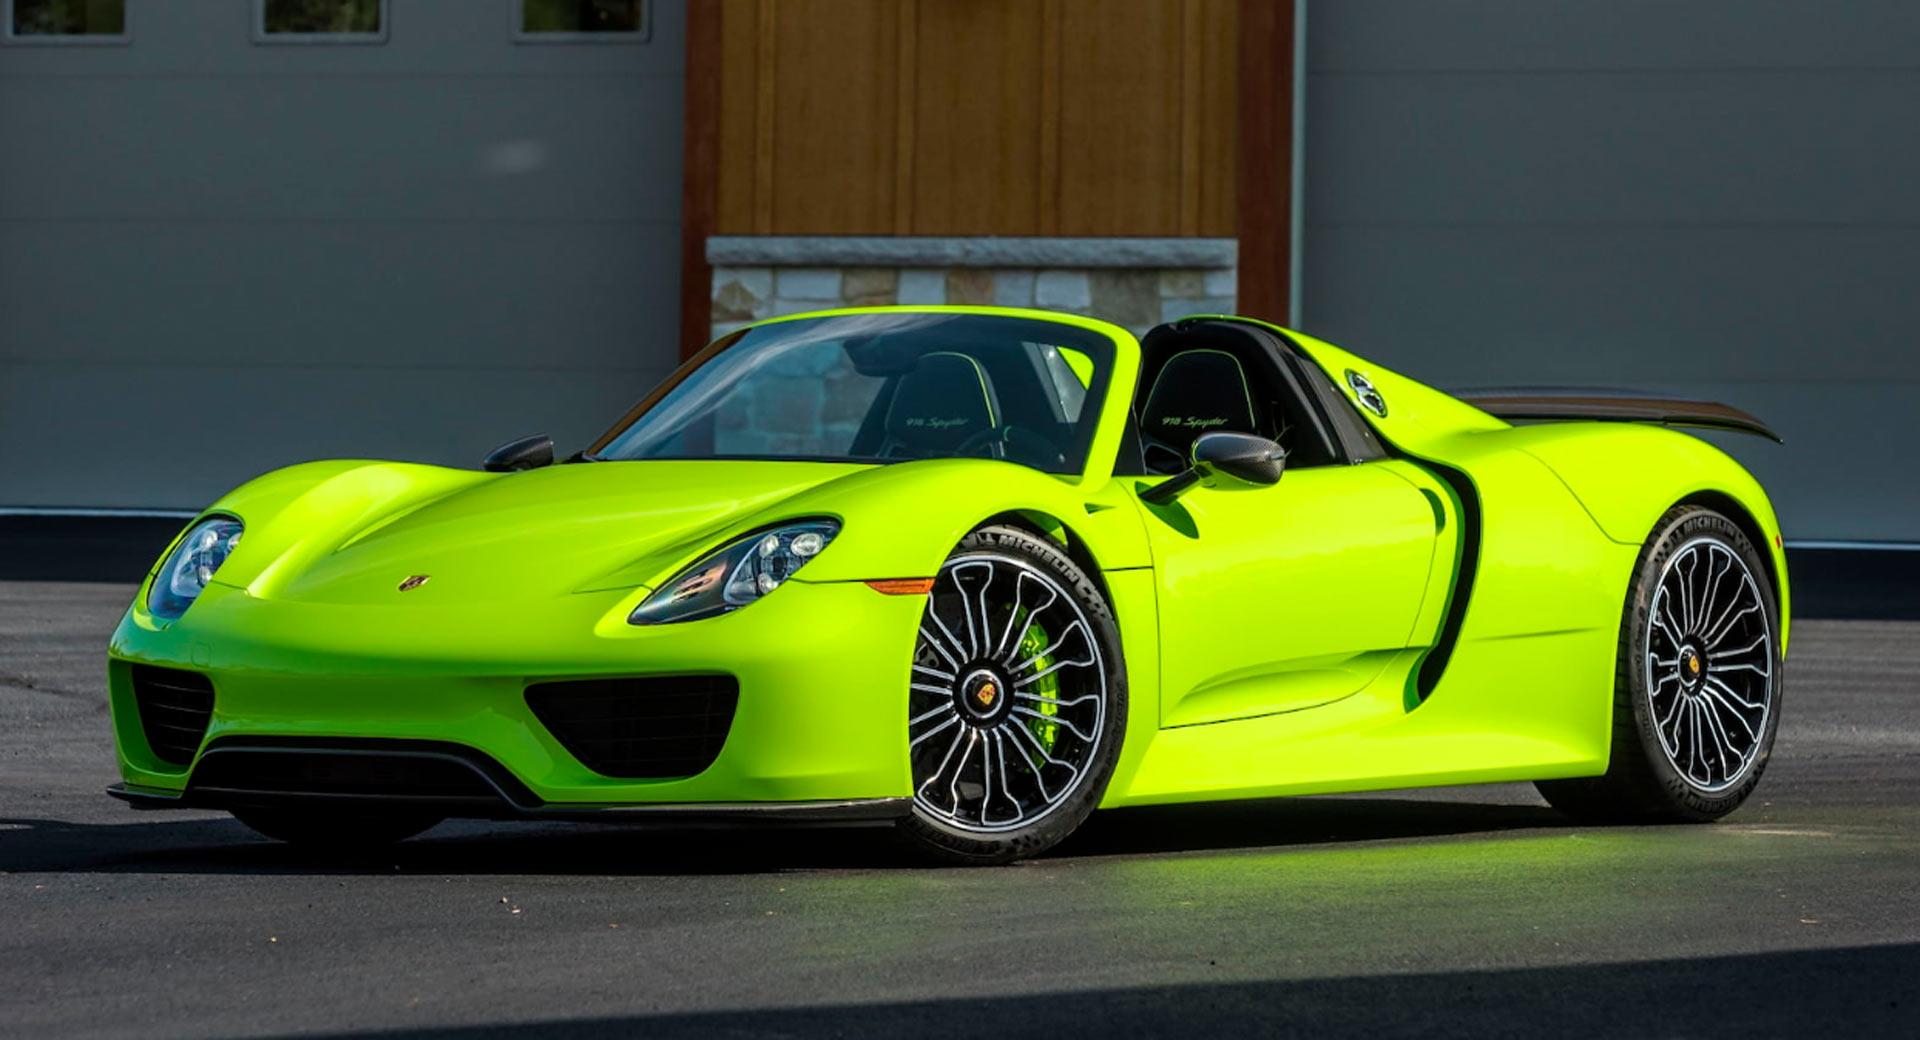 Michael-Fux-cars-auction-Porsche-918-Spyder-1